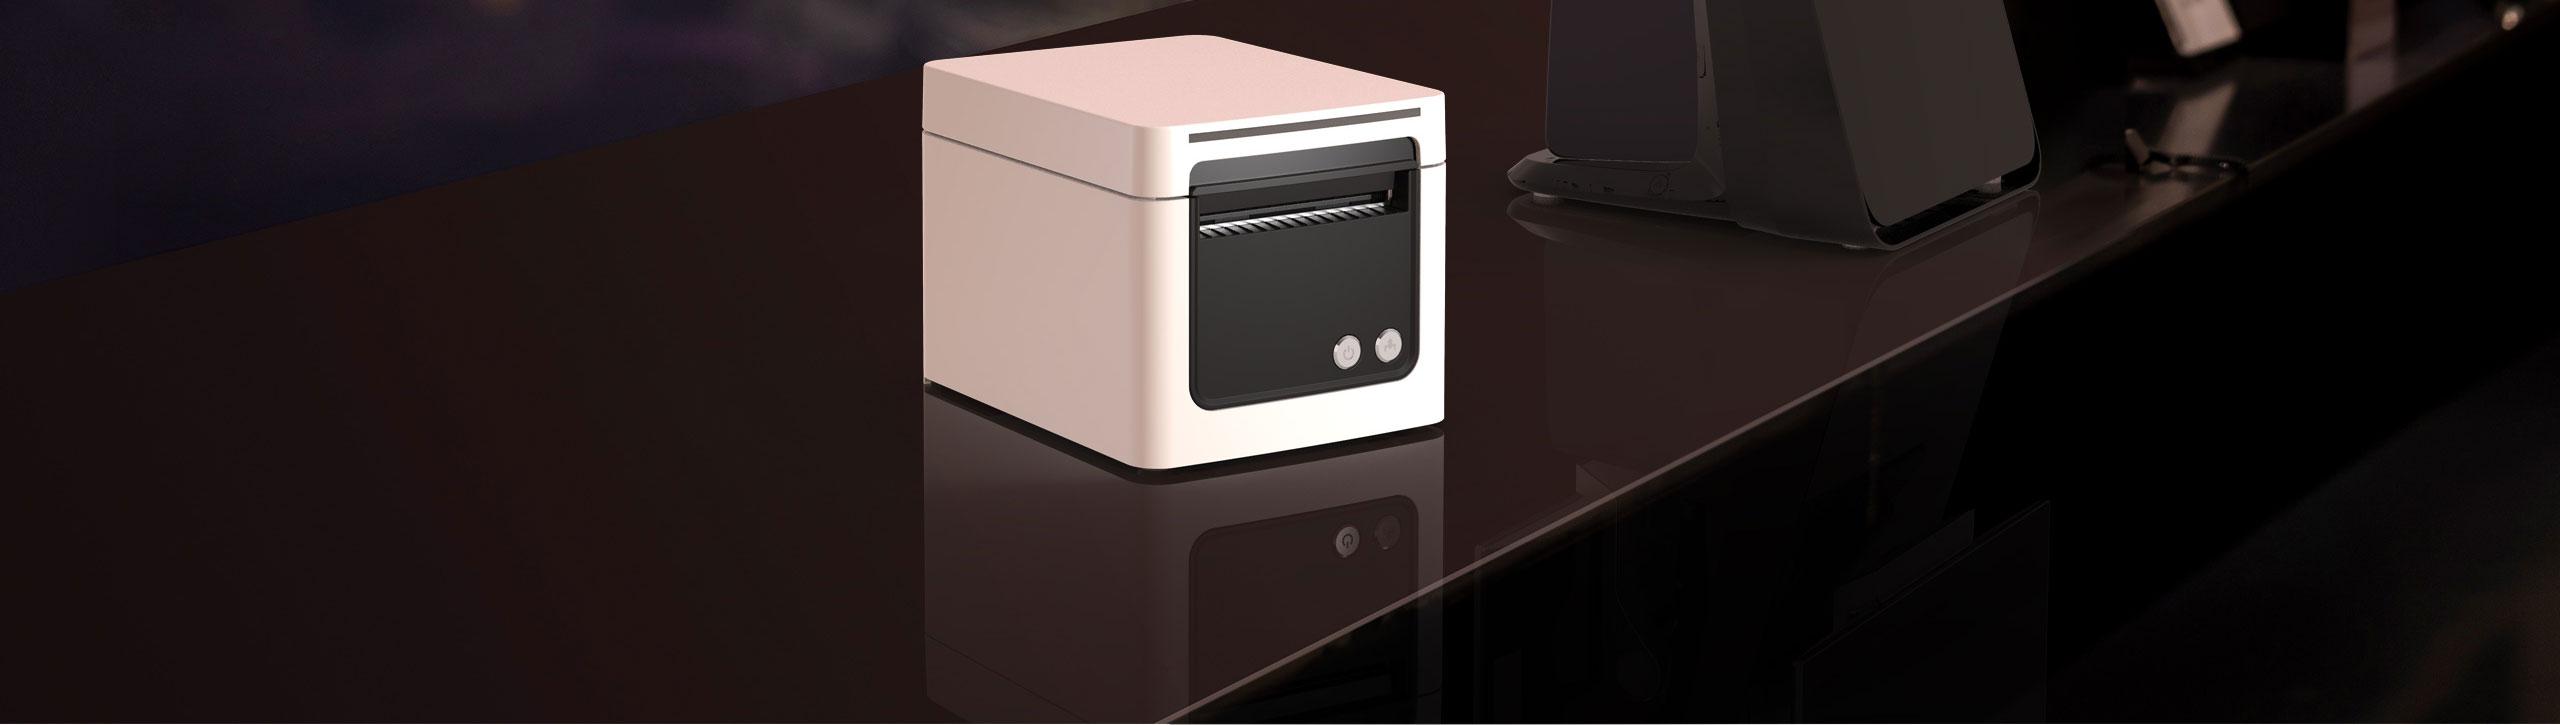 TP809热敏票据打印机,黑白两色可选  第6张